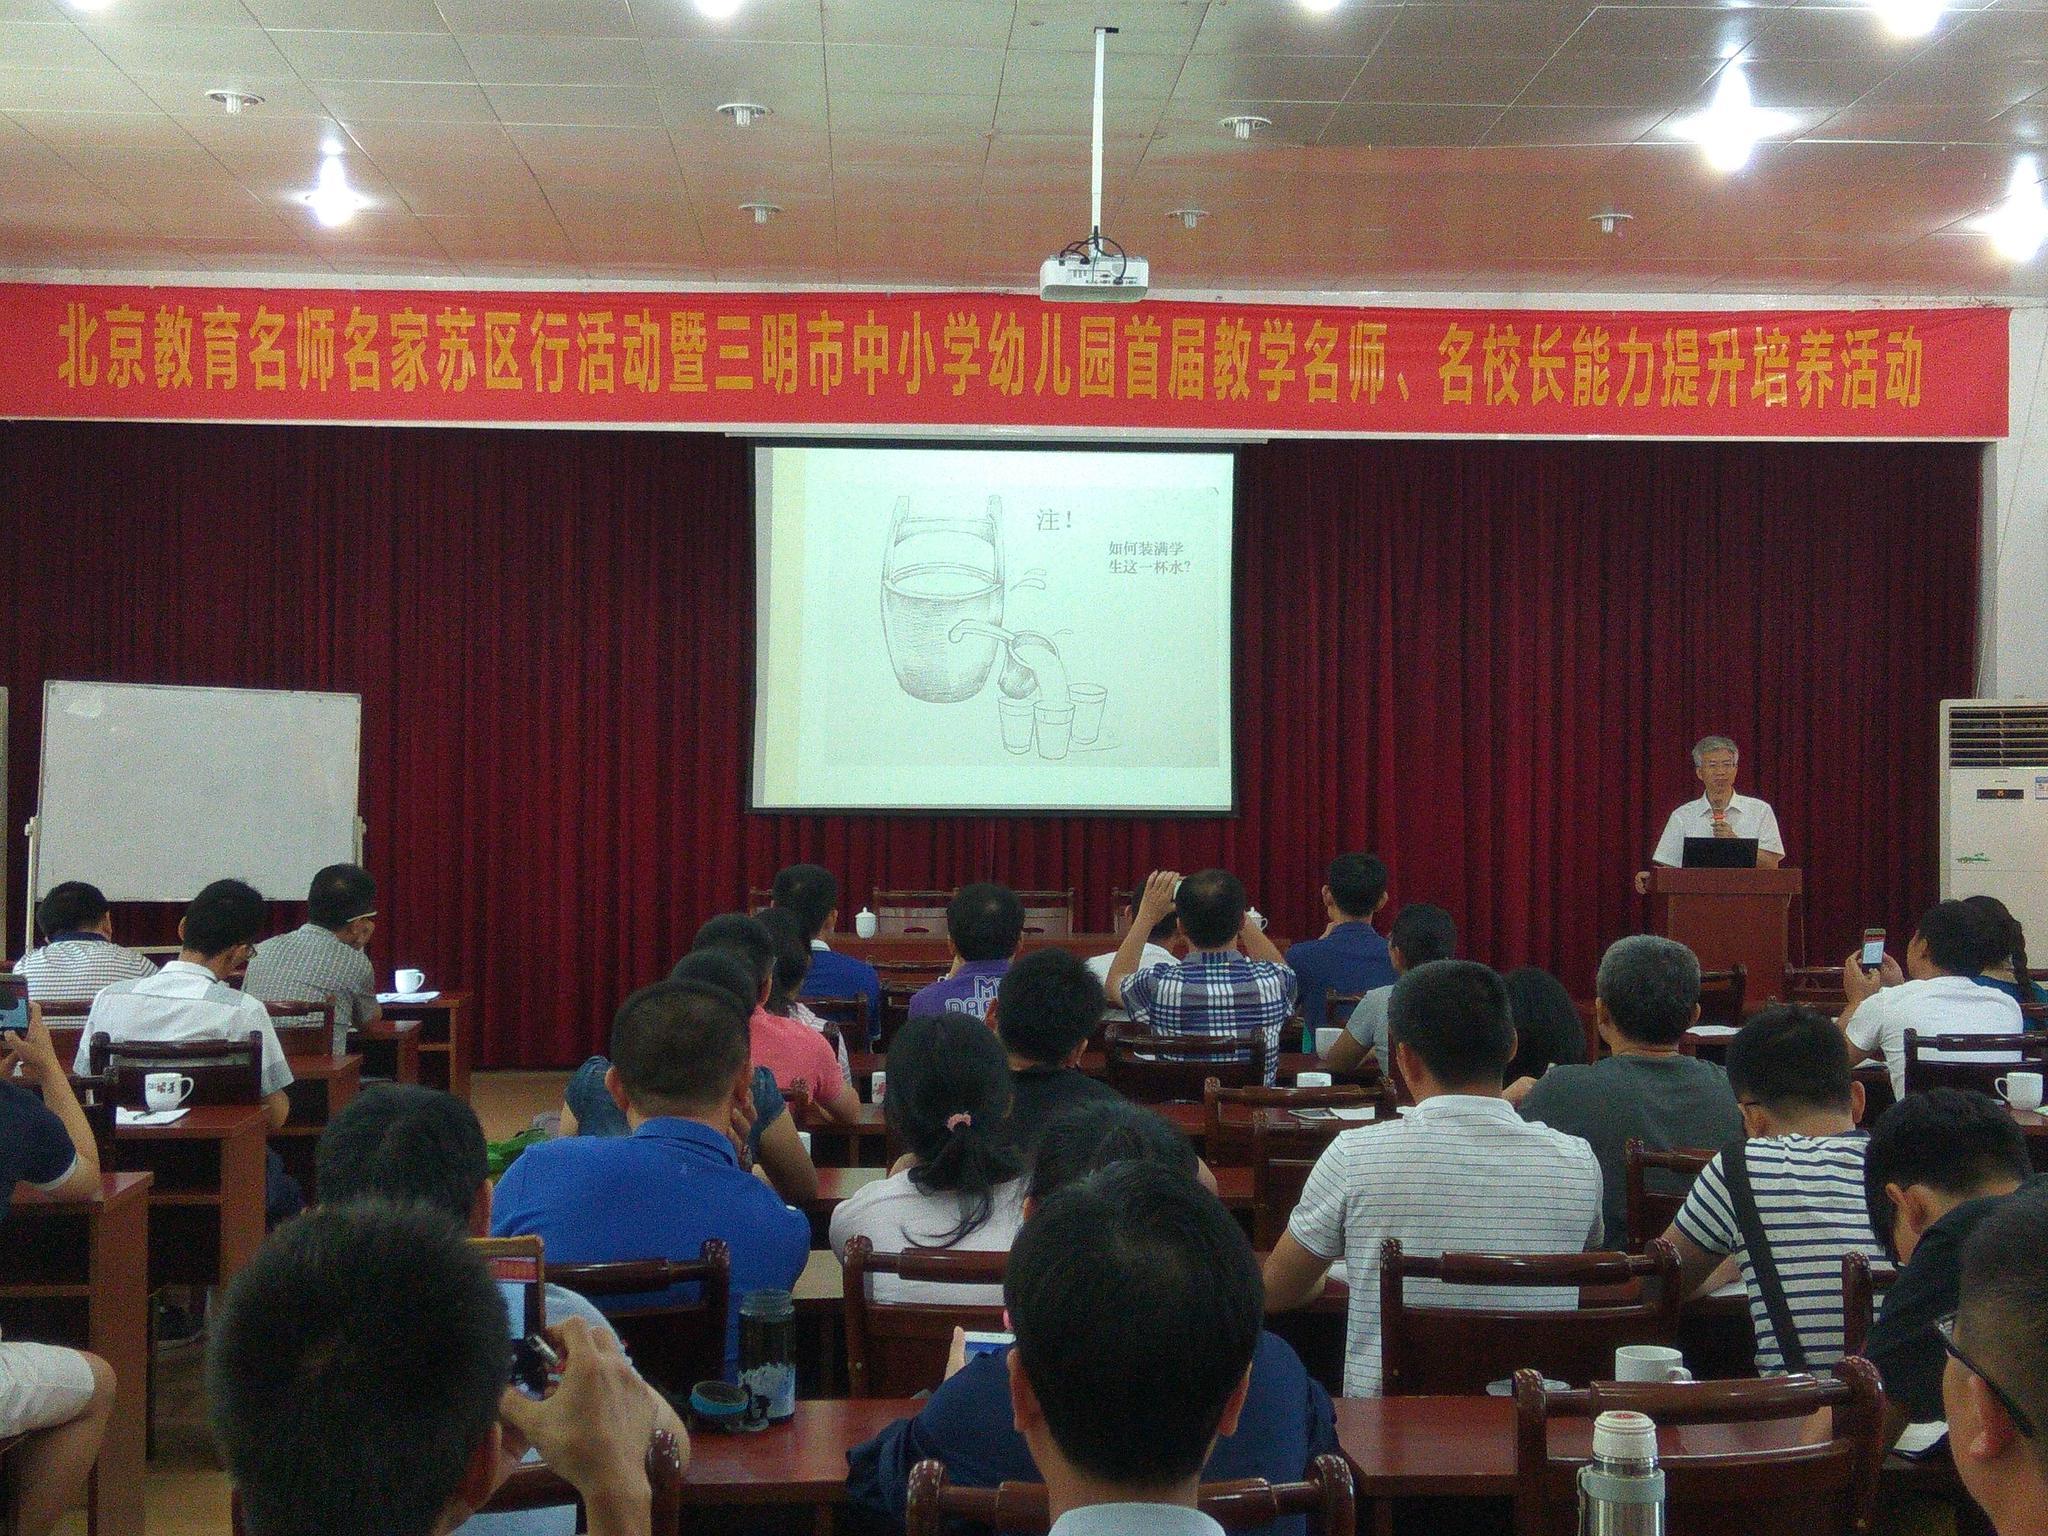 三明市高中物理学科骨干教师培养班举行